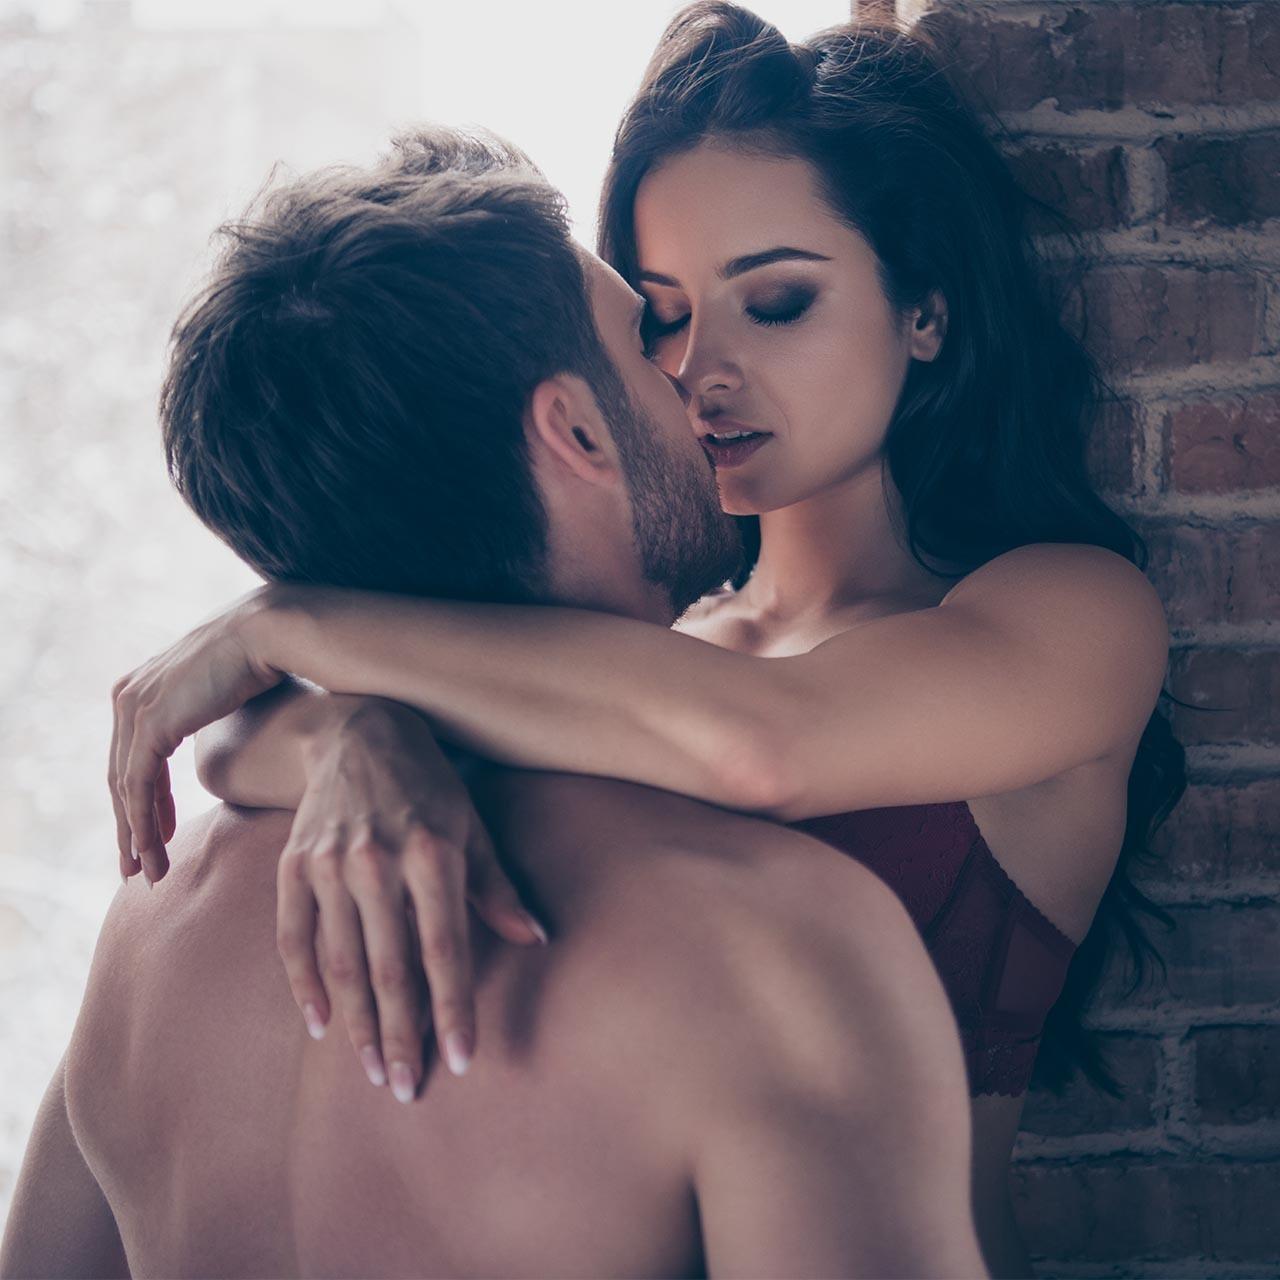 アラフォー女性のリアルなセックス事情を480人にアンケート調査!